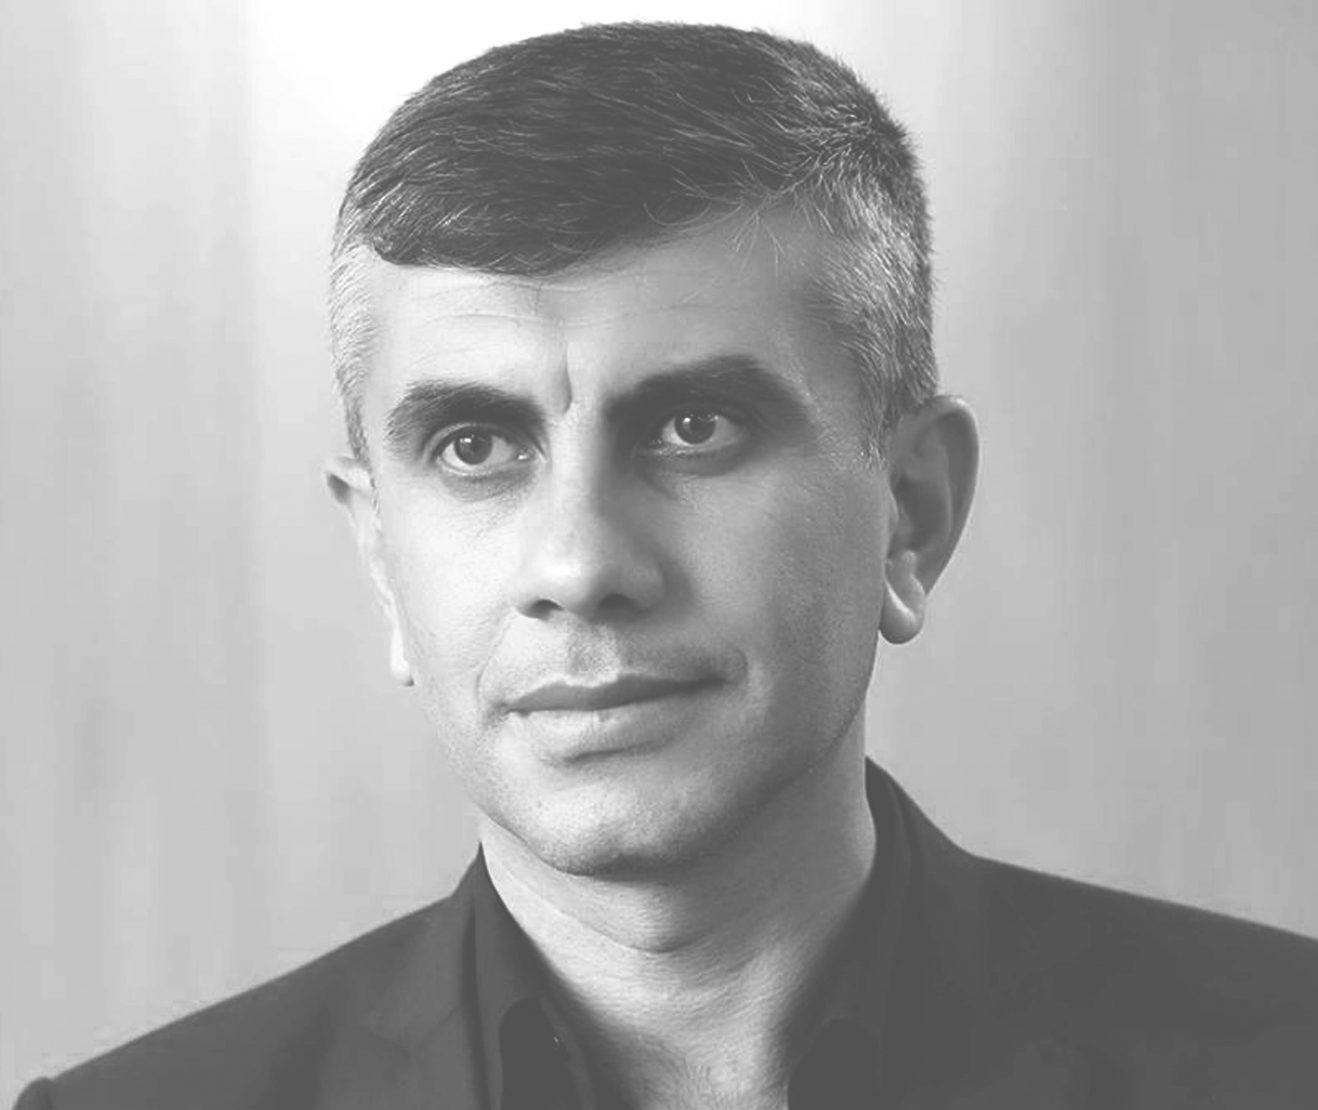 ياسين طه - صحافي كردي عراقي